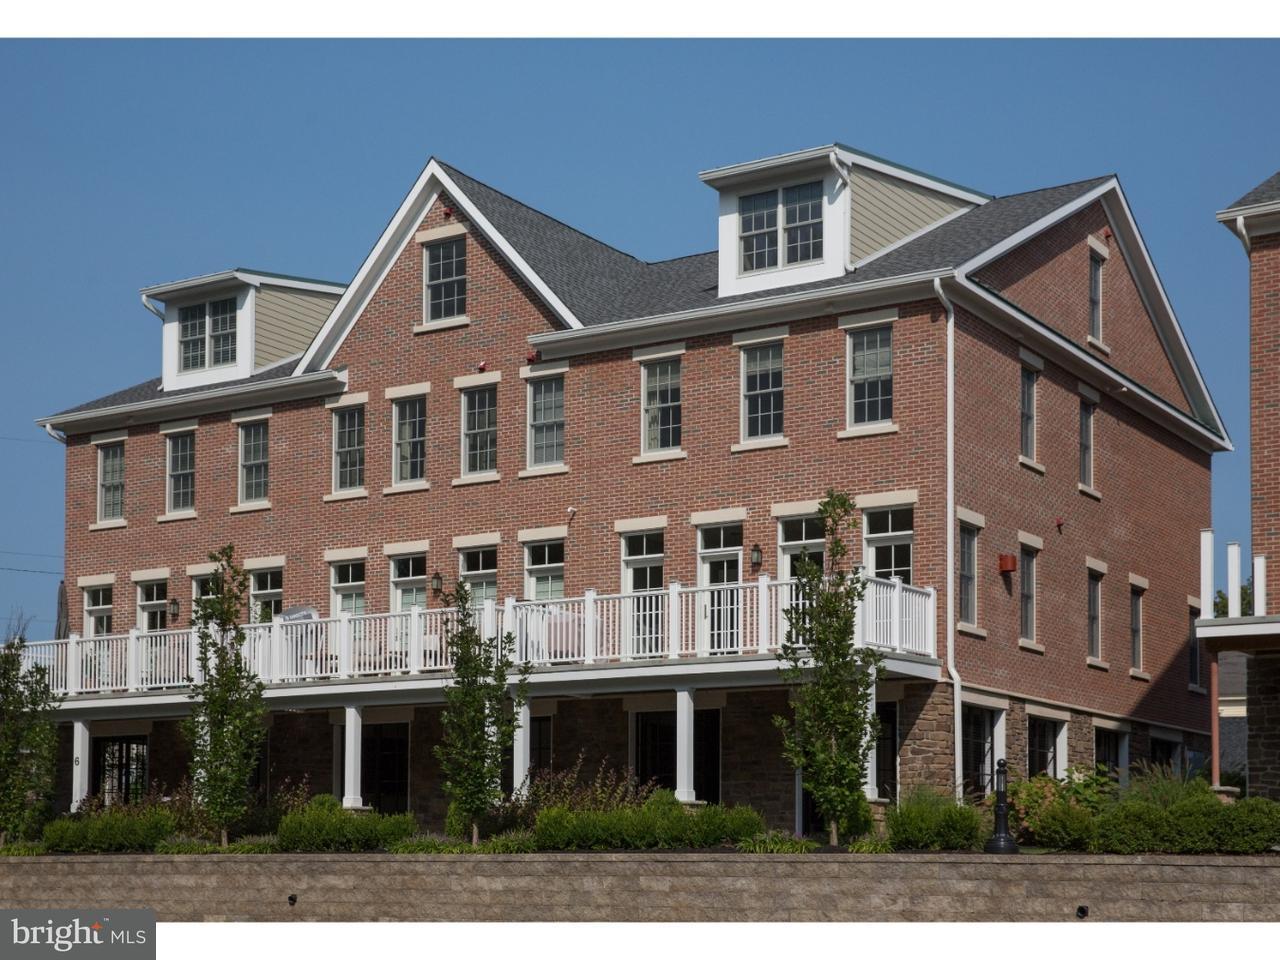 共管式独立产权公寓 为 销售 在 18 RIVER MILLS Drive 弗伦奇敦, 新泽西州 08825 美国在/周边: Frenchtown Borough